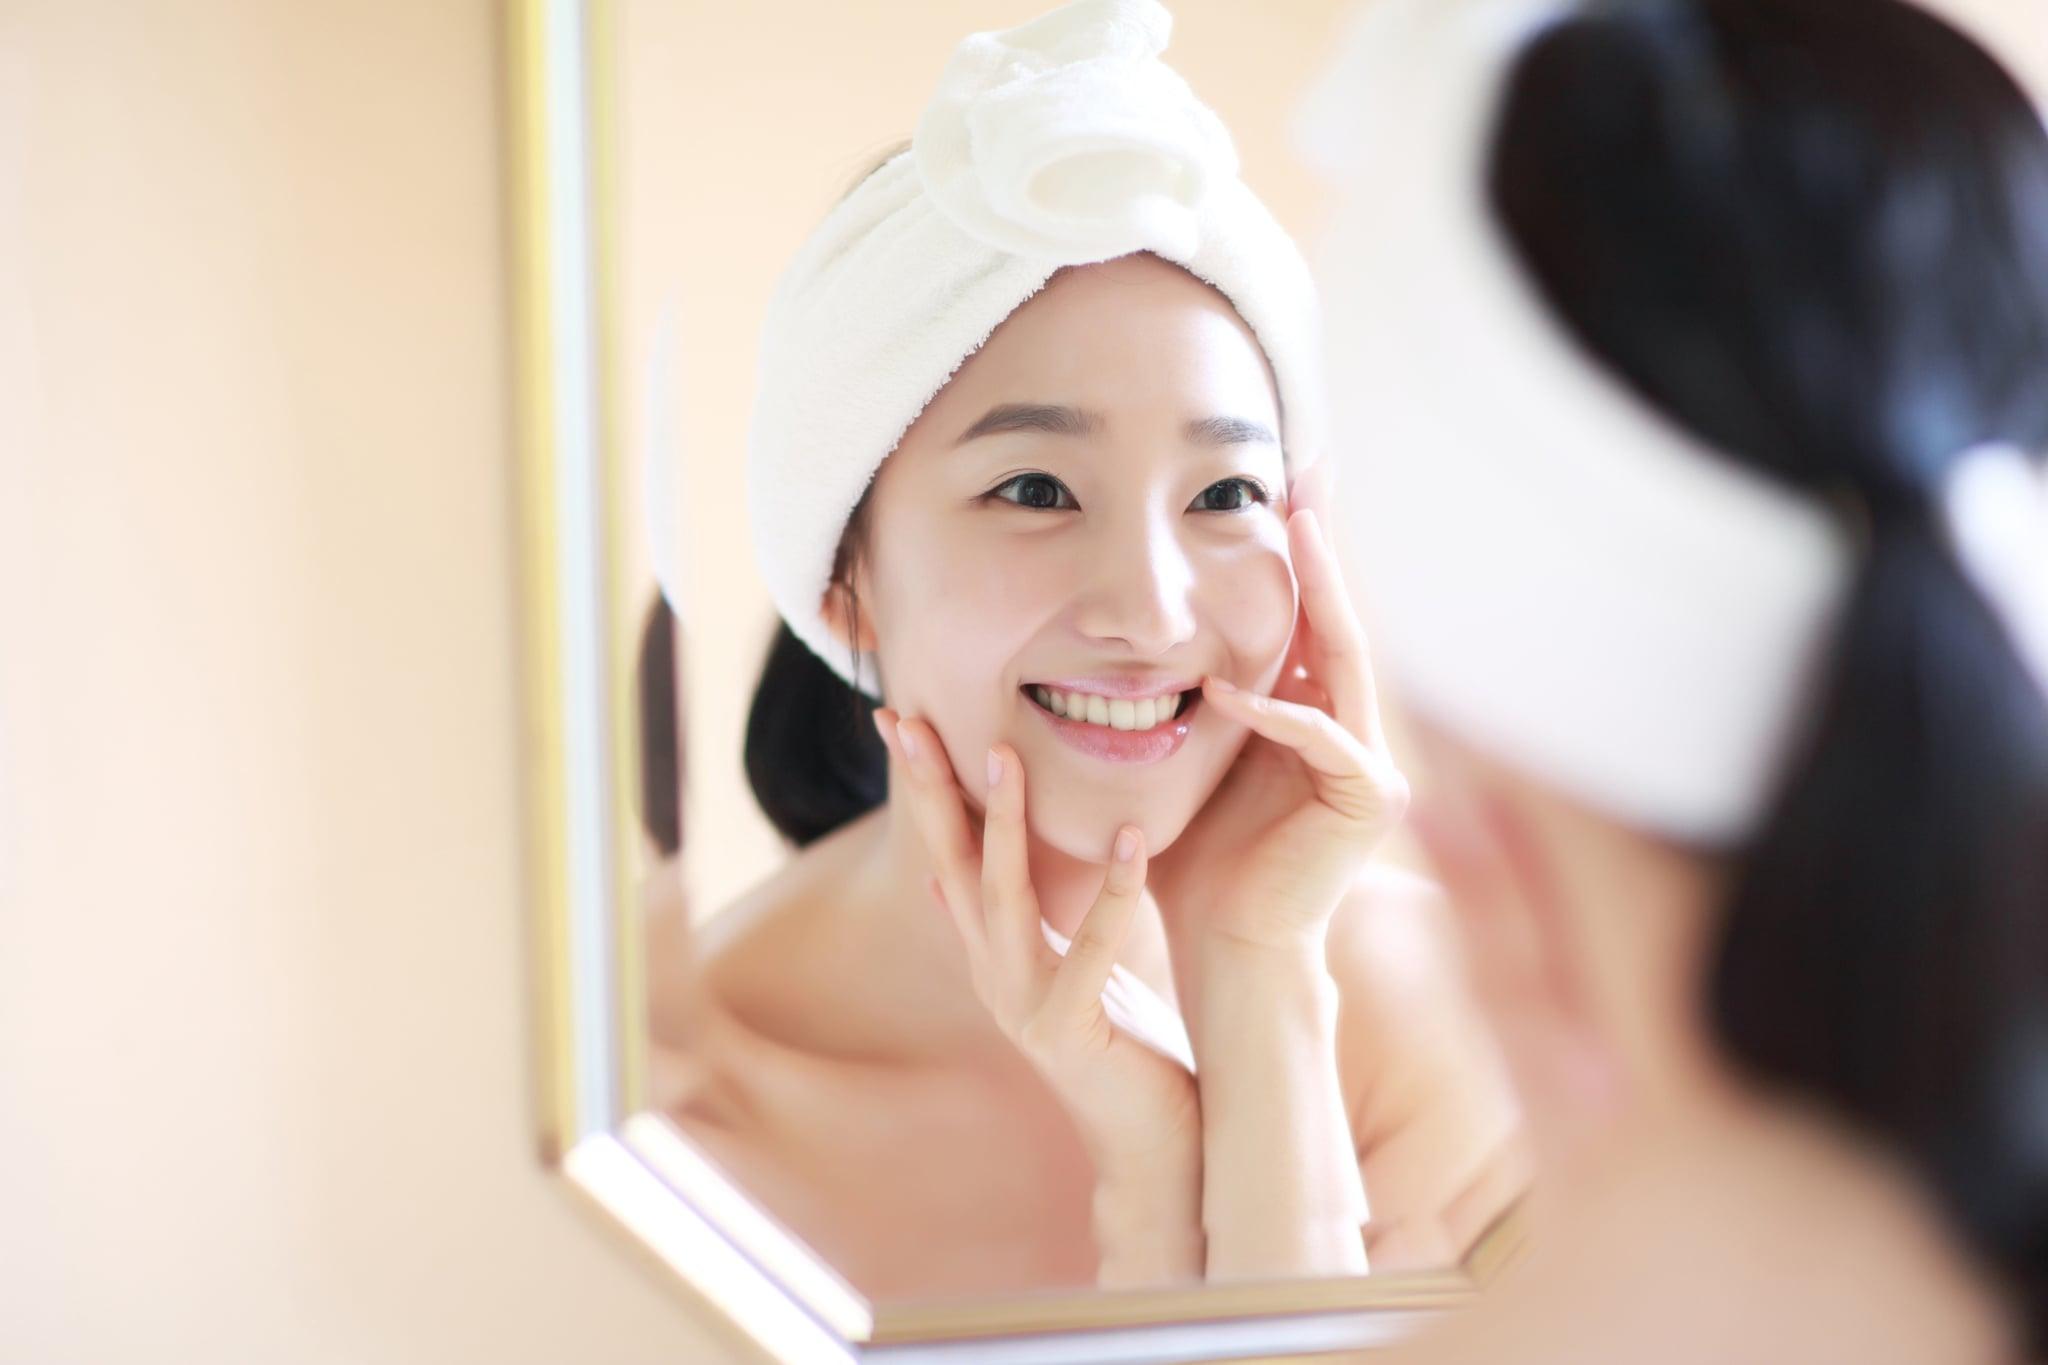 Khắc phục tình trạng quầng thâm mắt bằng cách bổ sung khoáng chất cho cơ thể.